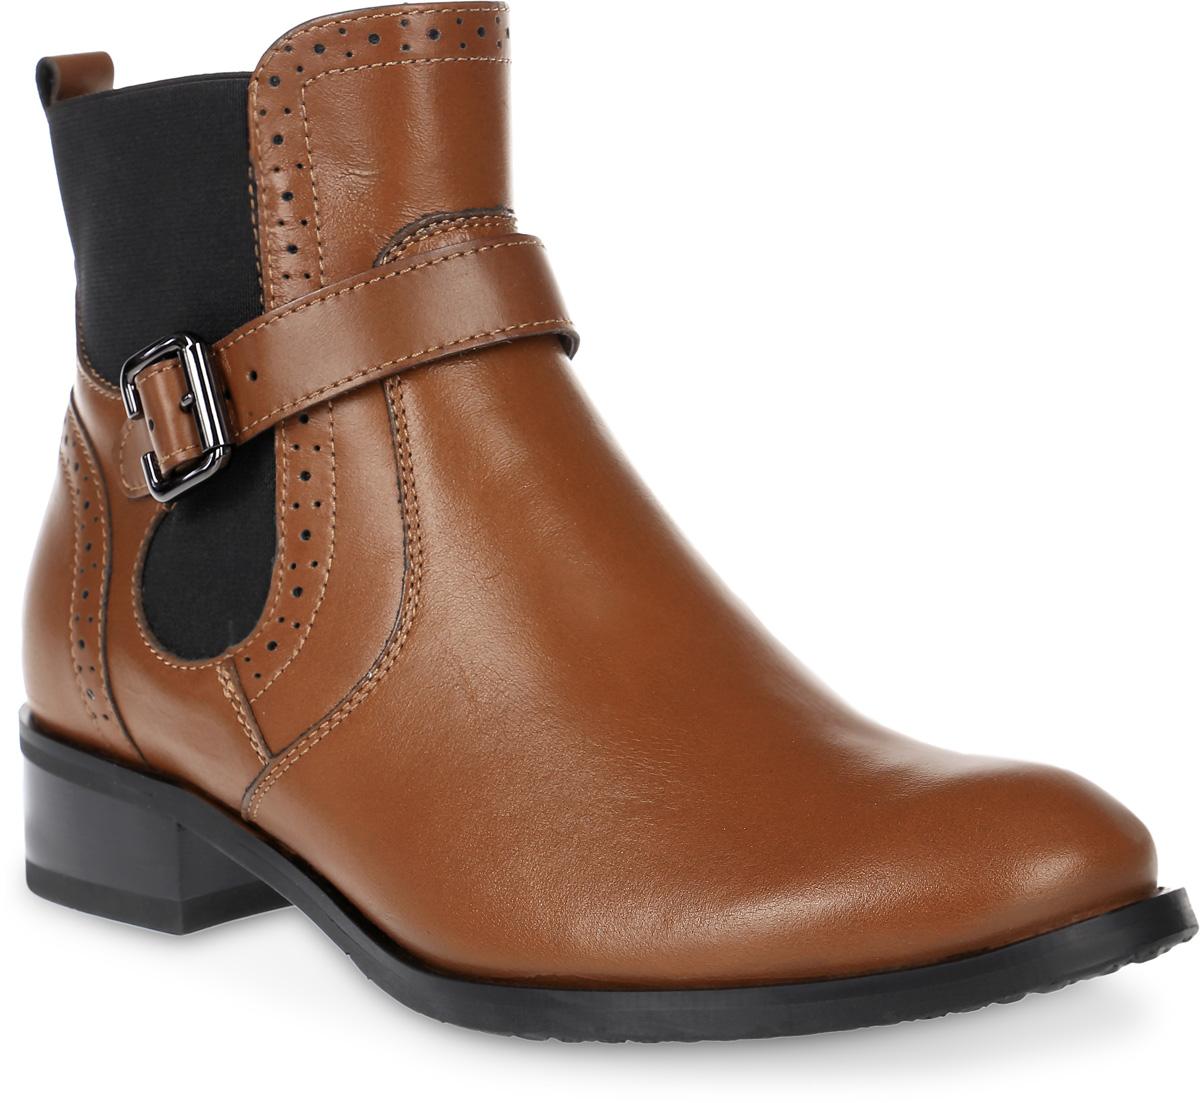 Ботинки женские Marko, цвет: коричневый. 12378. Размер 3712378Элегантные ботинки не оставят вас равнодушной благодаря своему дизайну и качеству. Модель изготовлена из натуральной кожи и дополнена устойчивым каблуком. Застежка-молния надежно зафиксирует модель на ноге.Внутренняя поверхность и стелька выполнены из текстиля, что обеспечивает комфорт. Подошва изготовлена из легкой и прочной резины, а ее рифление гарантирует отличное сцепление с любой поверхностью. Такие стильные ботинки подчеркнут вашу женственность и благородный стиль.